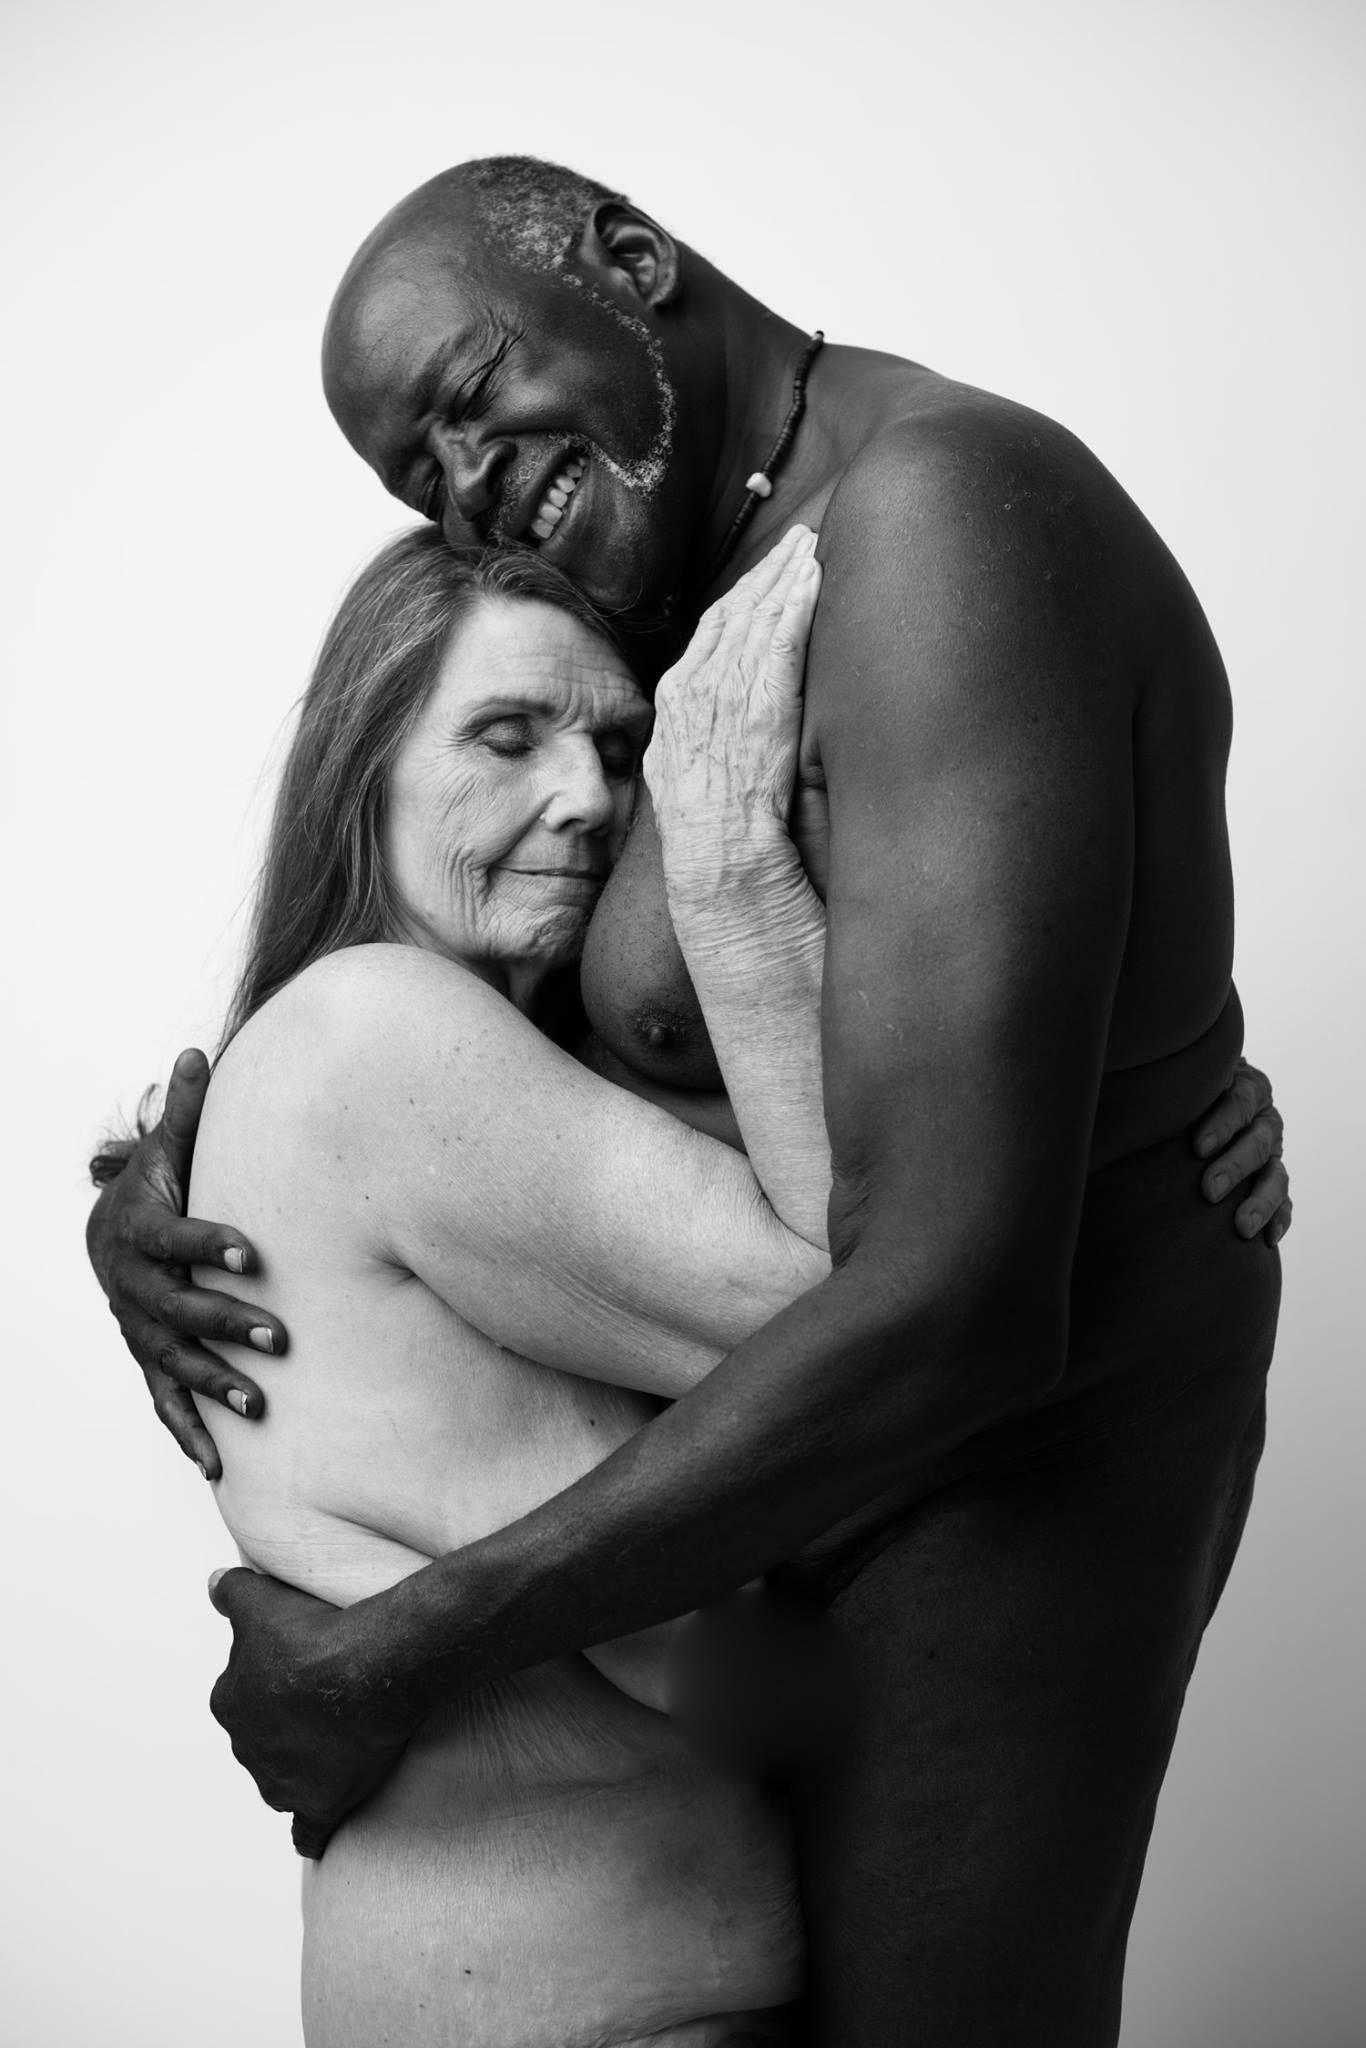 Non consent interracial porn